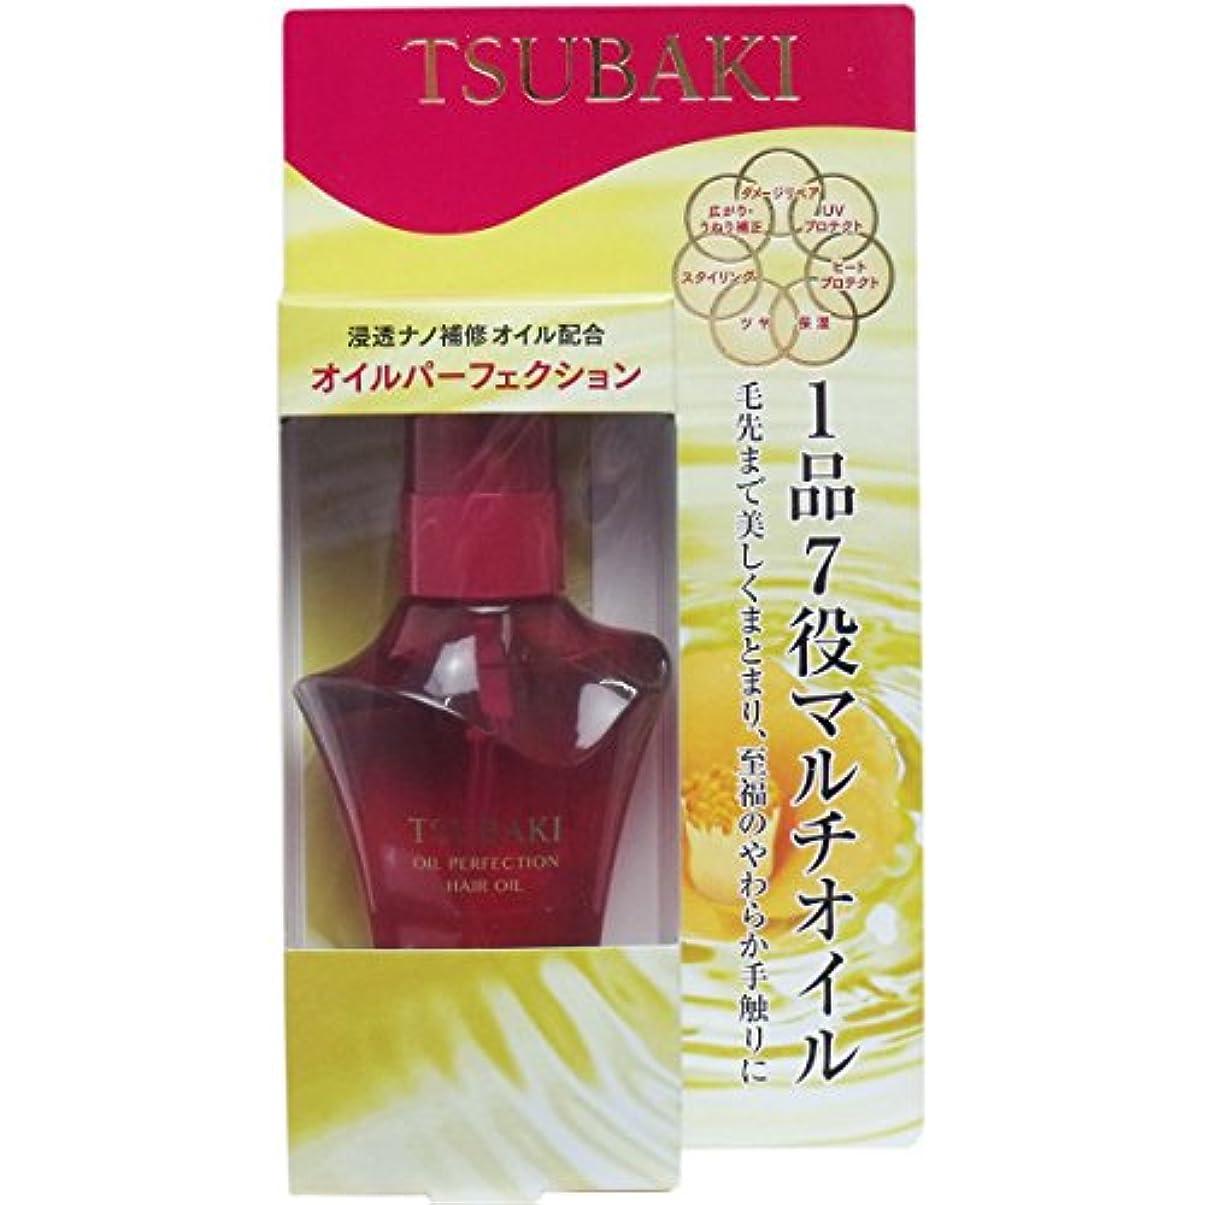 涙が出るリズム牽引【まとめ買い】TSUBAKI オイルパーフェクション ヘアトリートメント 50ml×3個